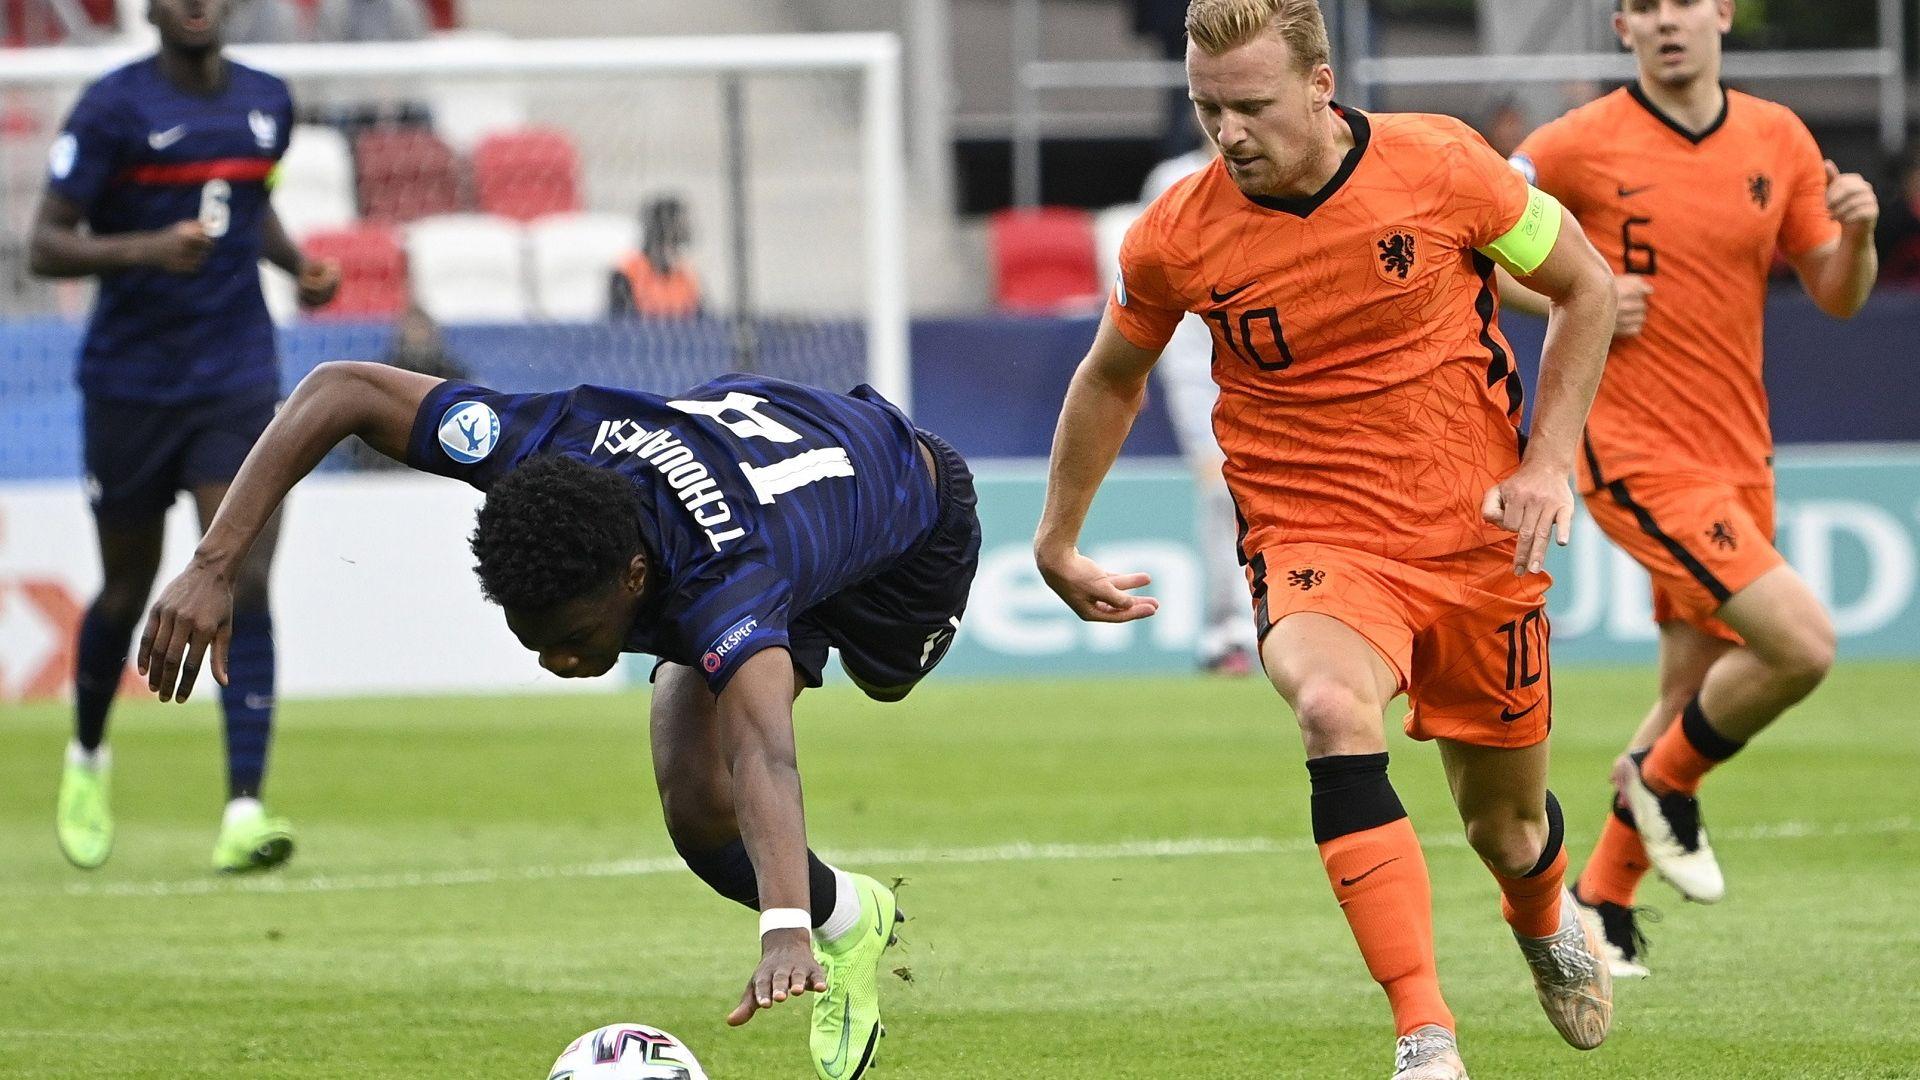 Драматични сблъсъци пратиха Нидерландия и Испания на полуфинал при младежите